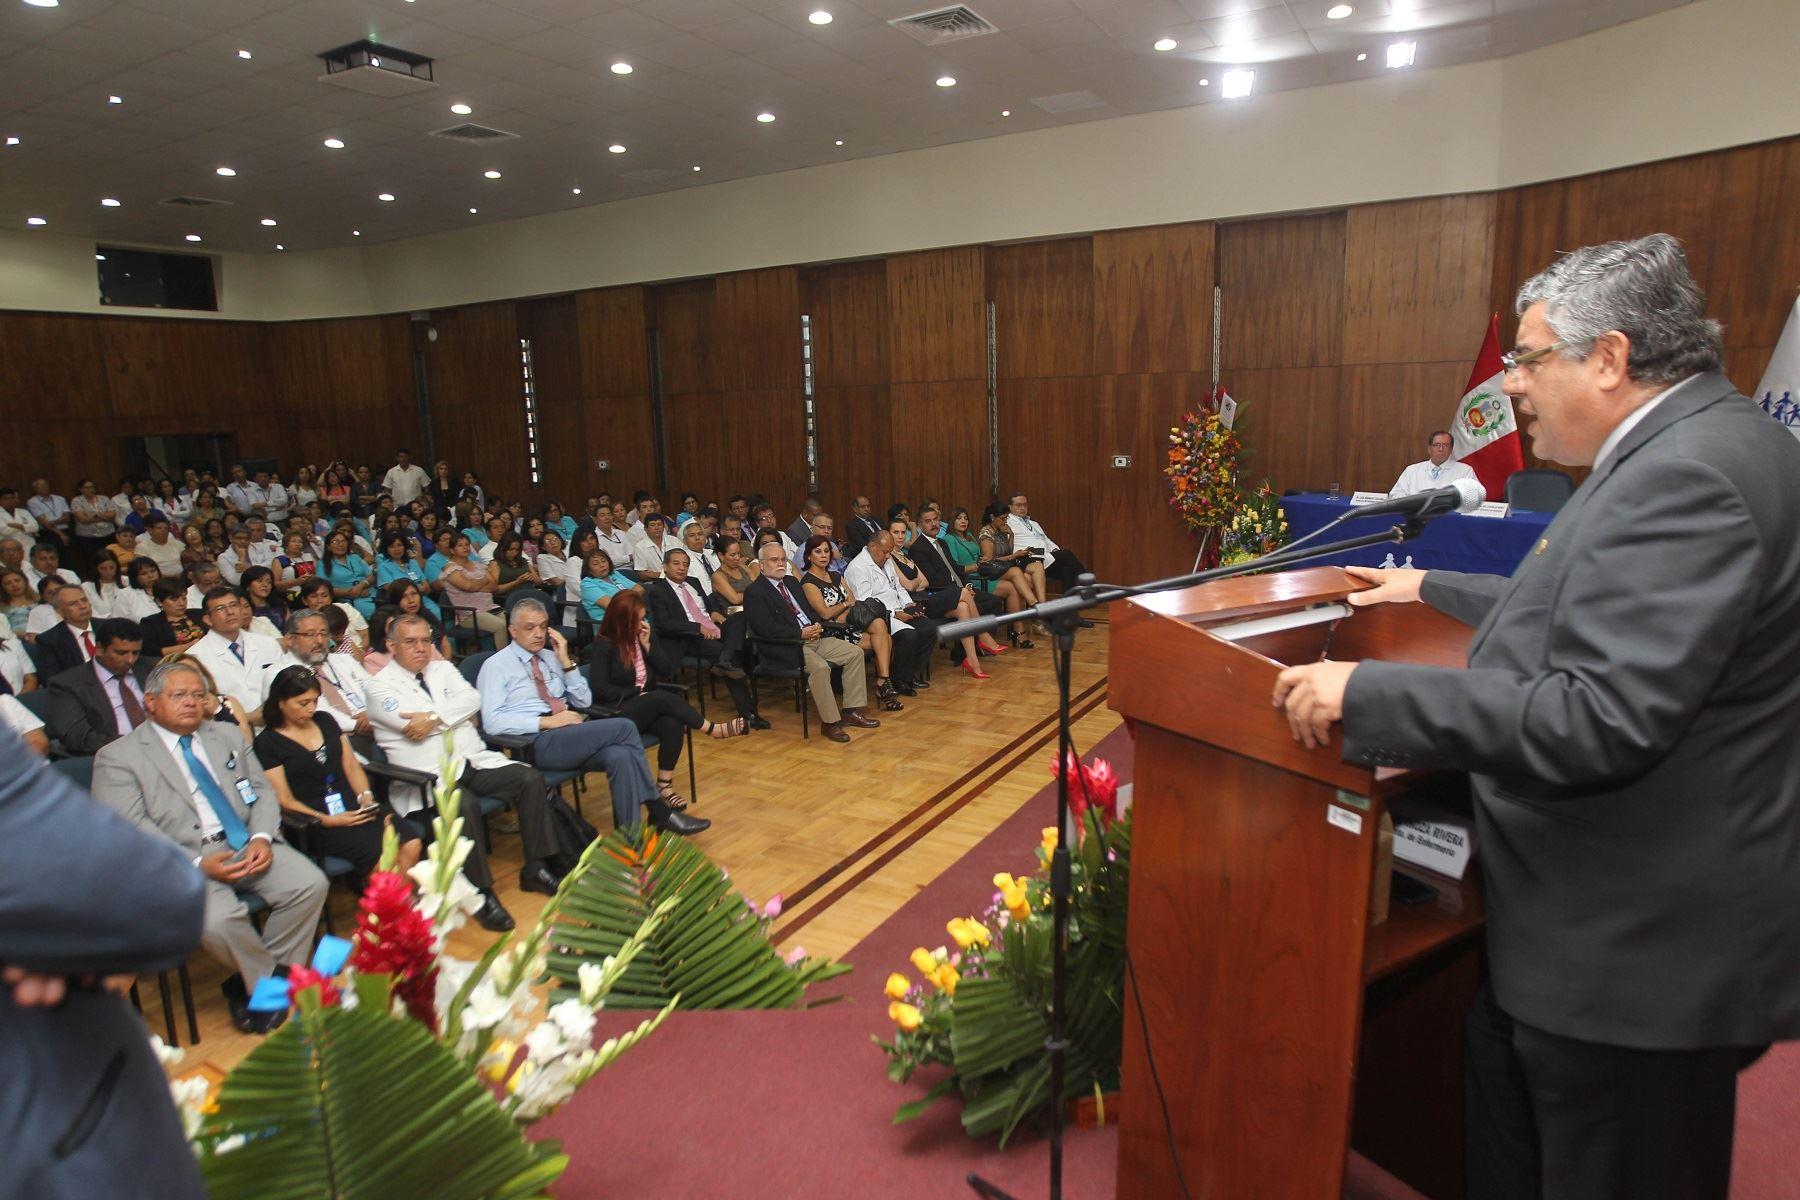 Gabriel Del Castillo anunció nueva escala remunerativa a favor de trabajadores. Foto: Difusión